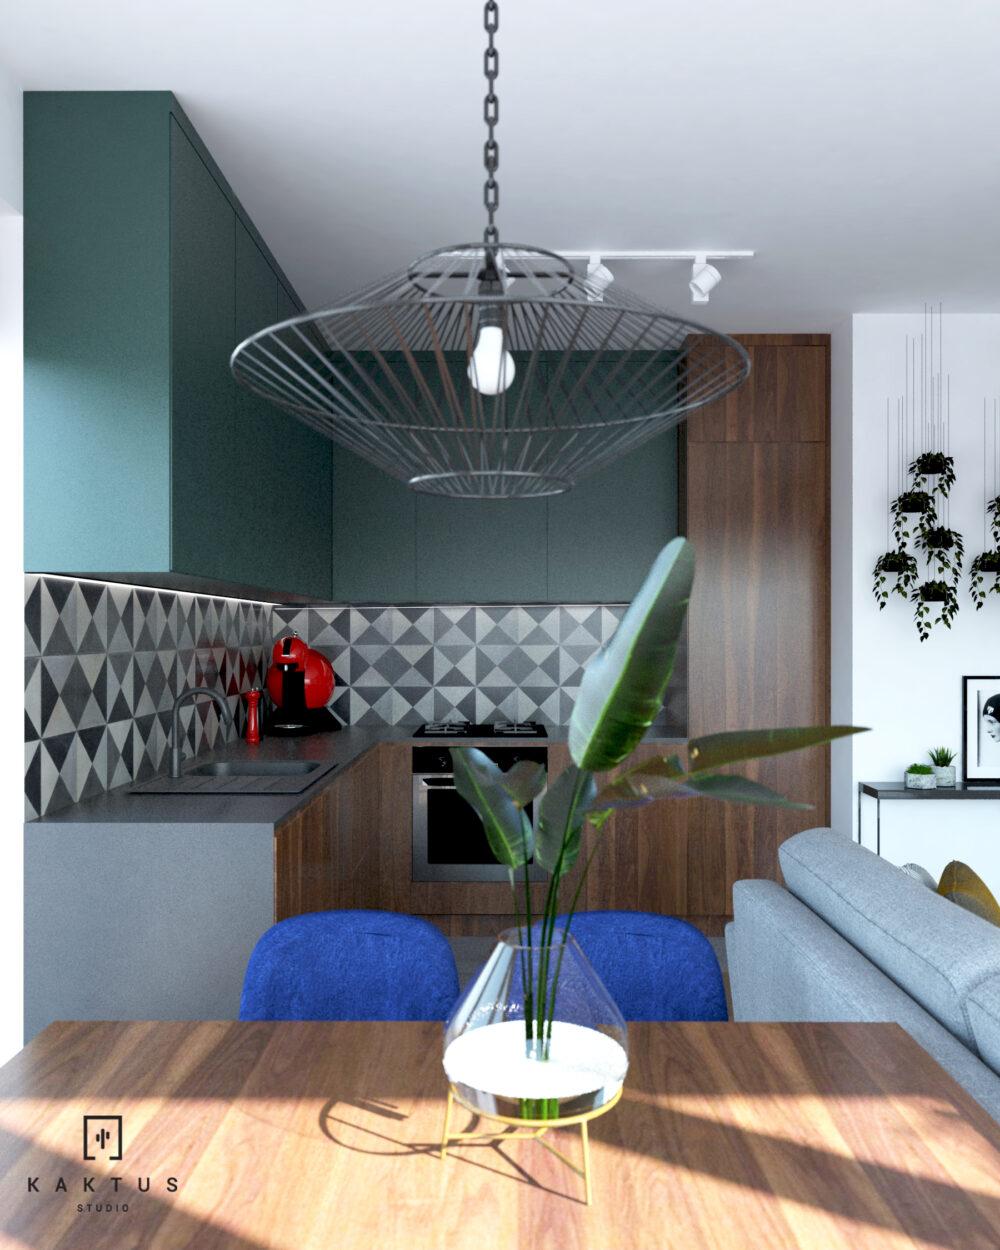 18 salon stol (1)